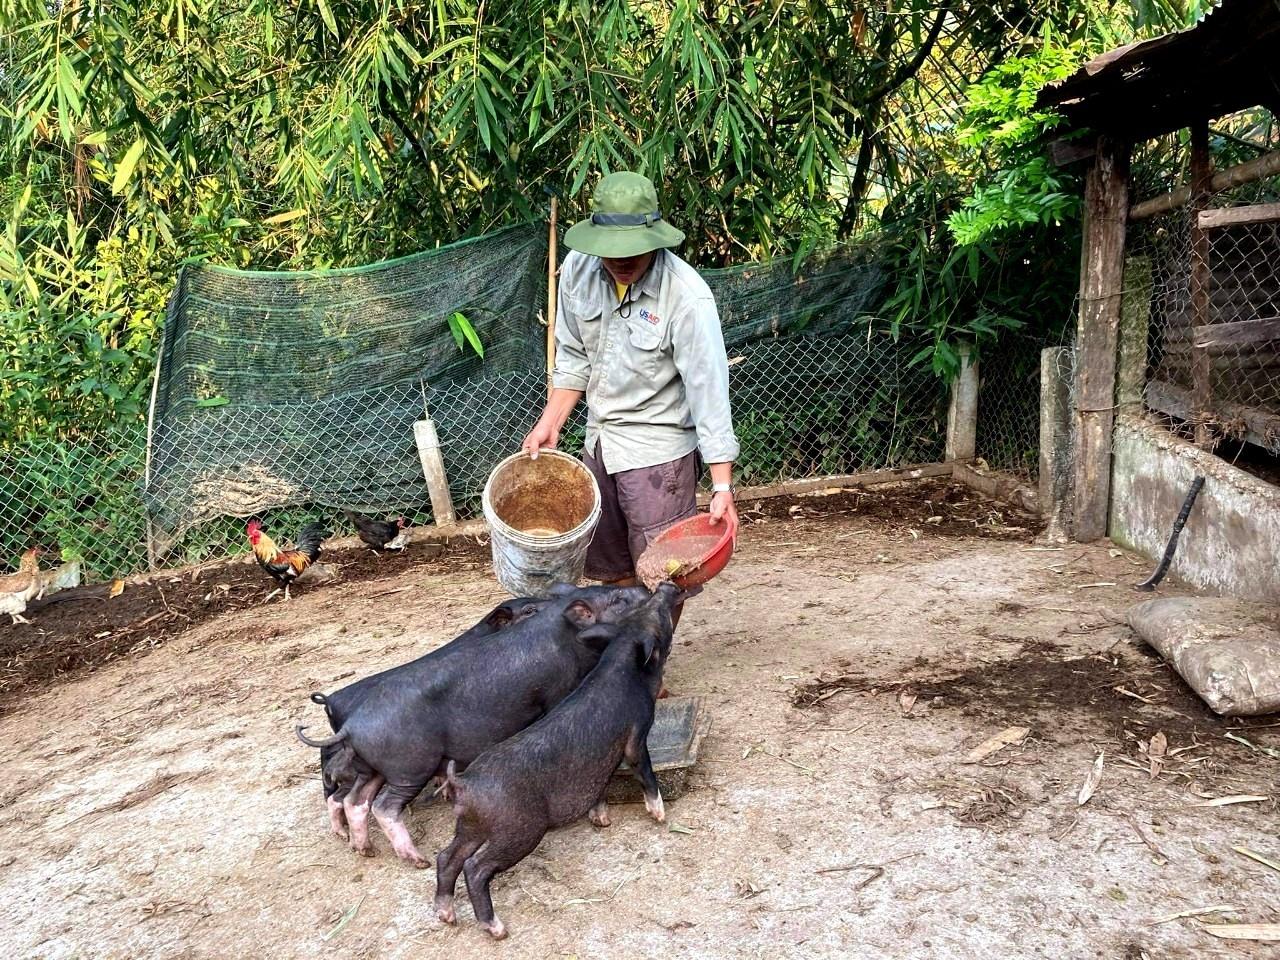 Từ mô hình nuôi heo cỏ kết hợp trồng cây ăn quả, mỗi năm nhiều thanh niên Nam Giang thu về hàng chục triệu đồng. Ảnh: LƯU HƯƠNG